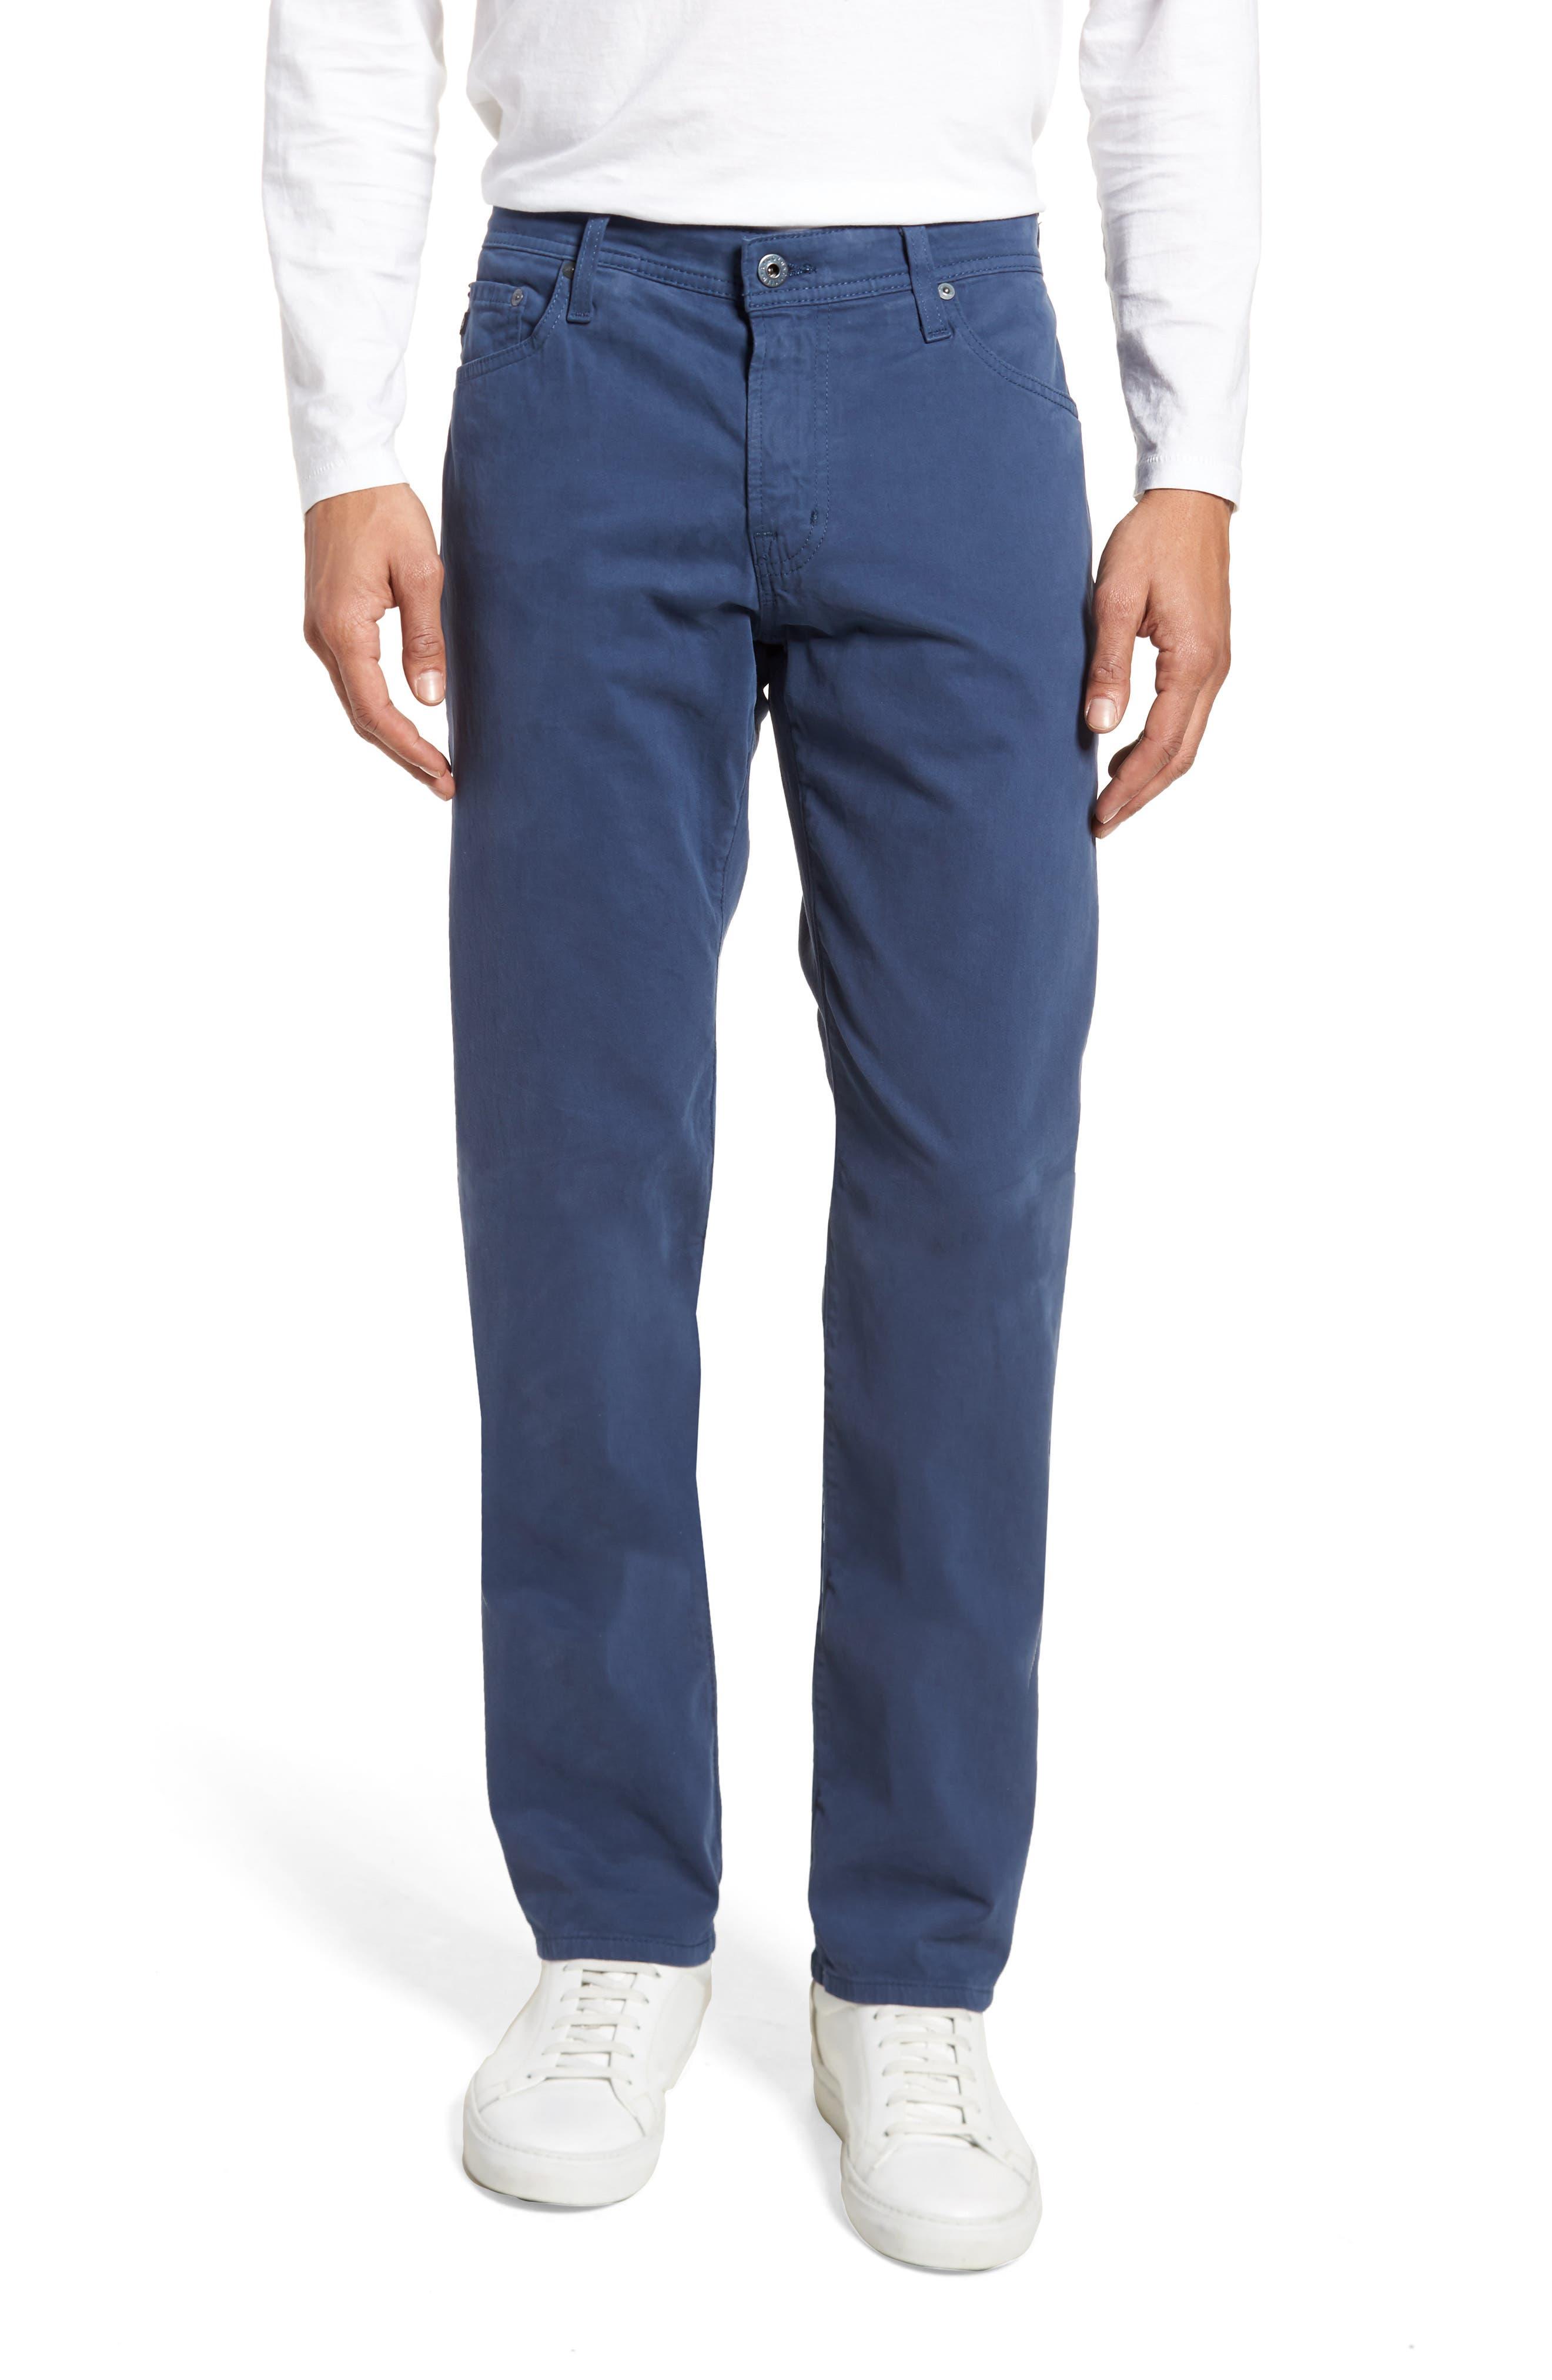 Graduate SUD Slim Straight Leg Pants,                         Main,                         color, Pacific Coast